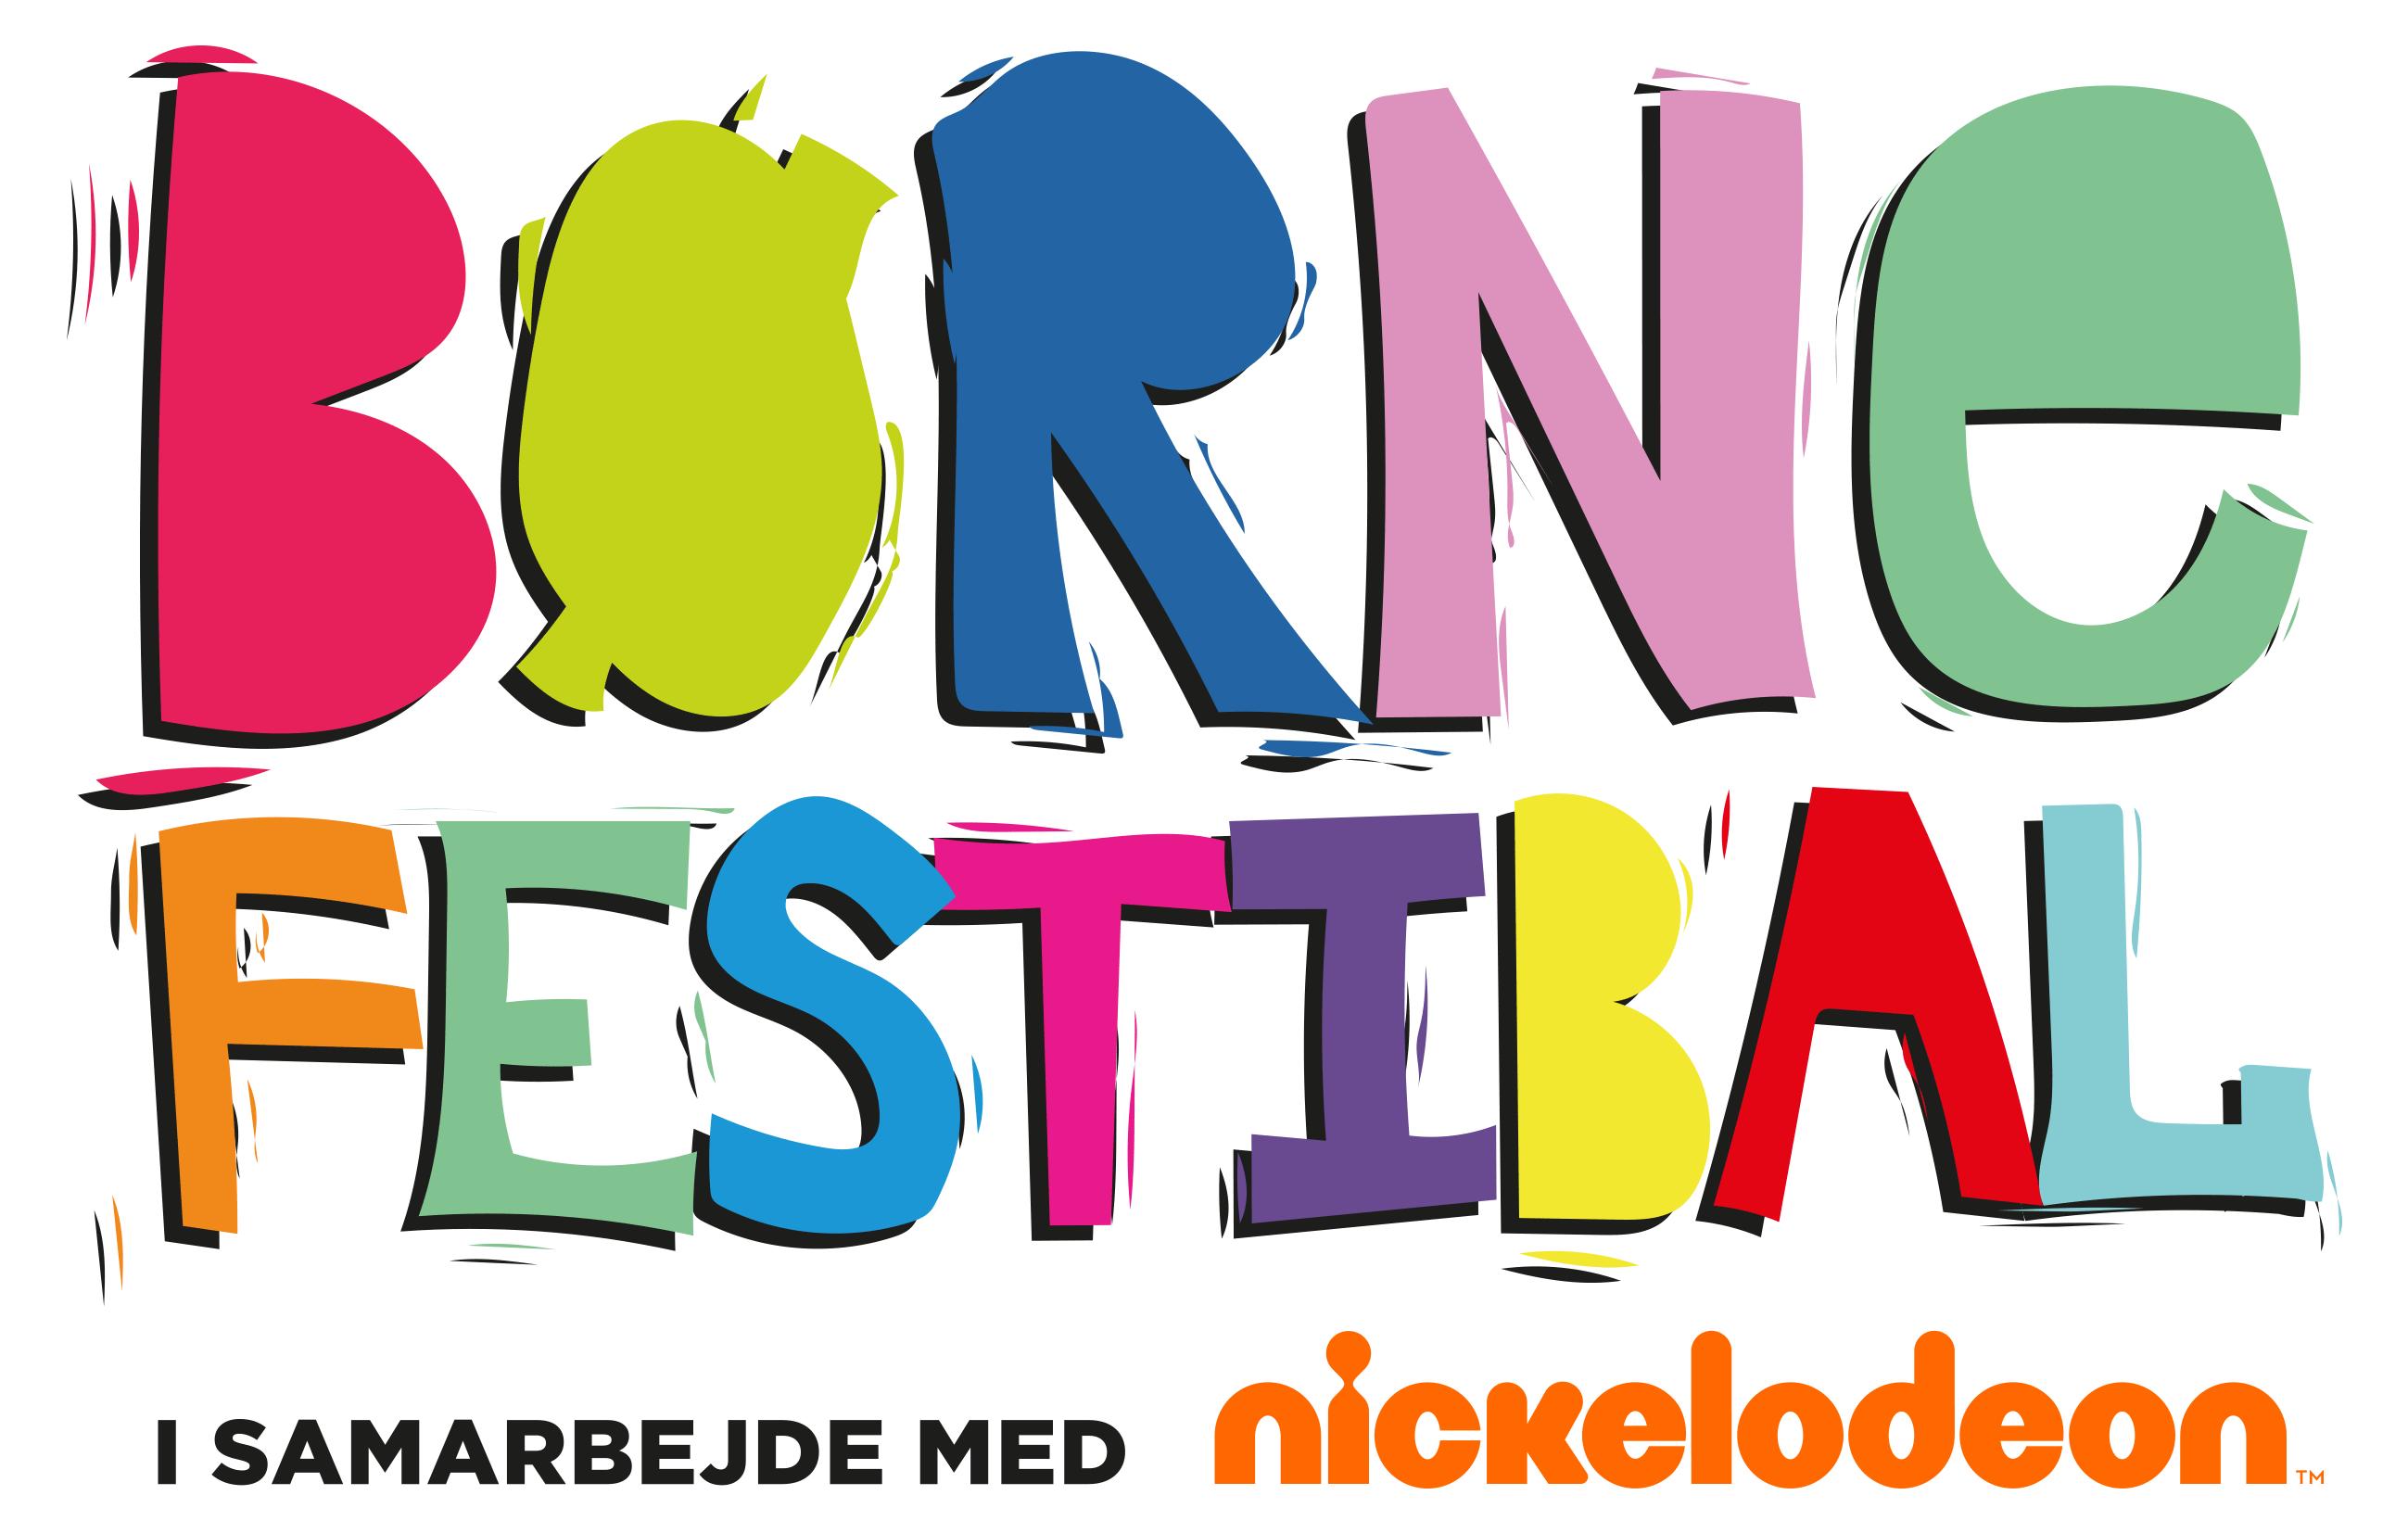 BørnefestiBAL Logo